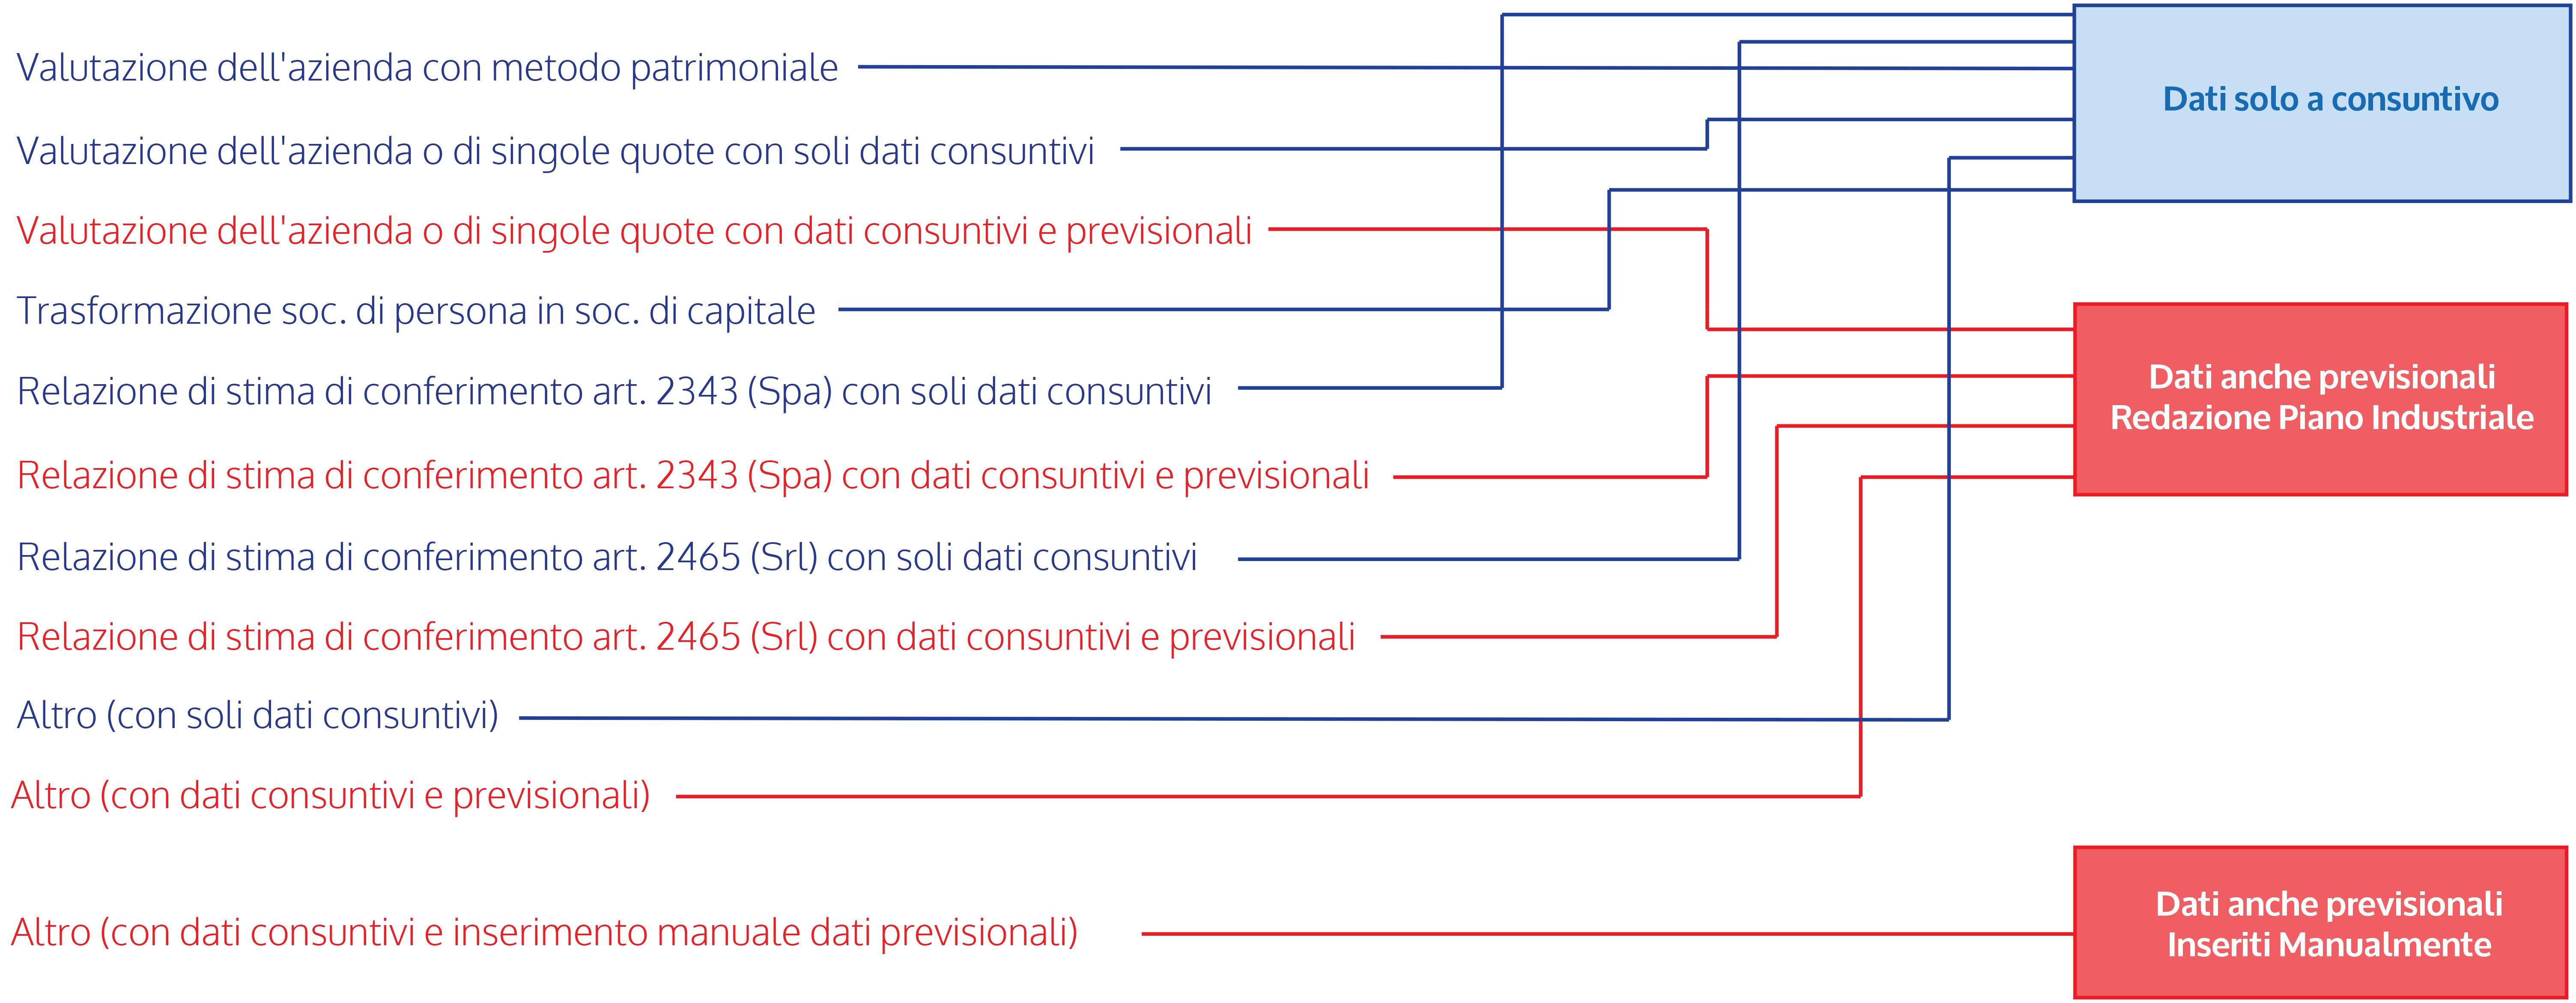 Grafico Valutazione Aziendale